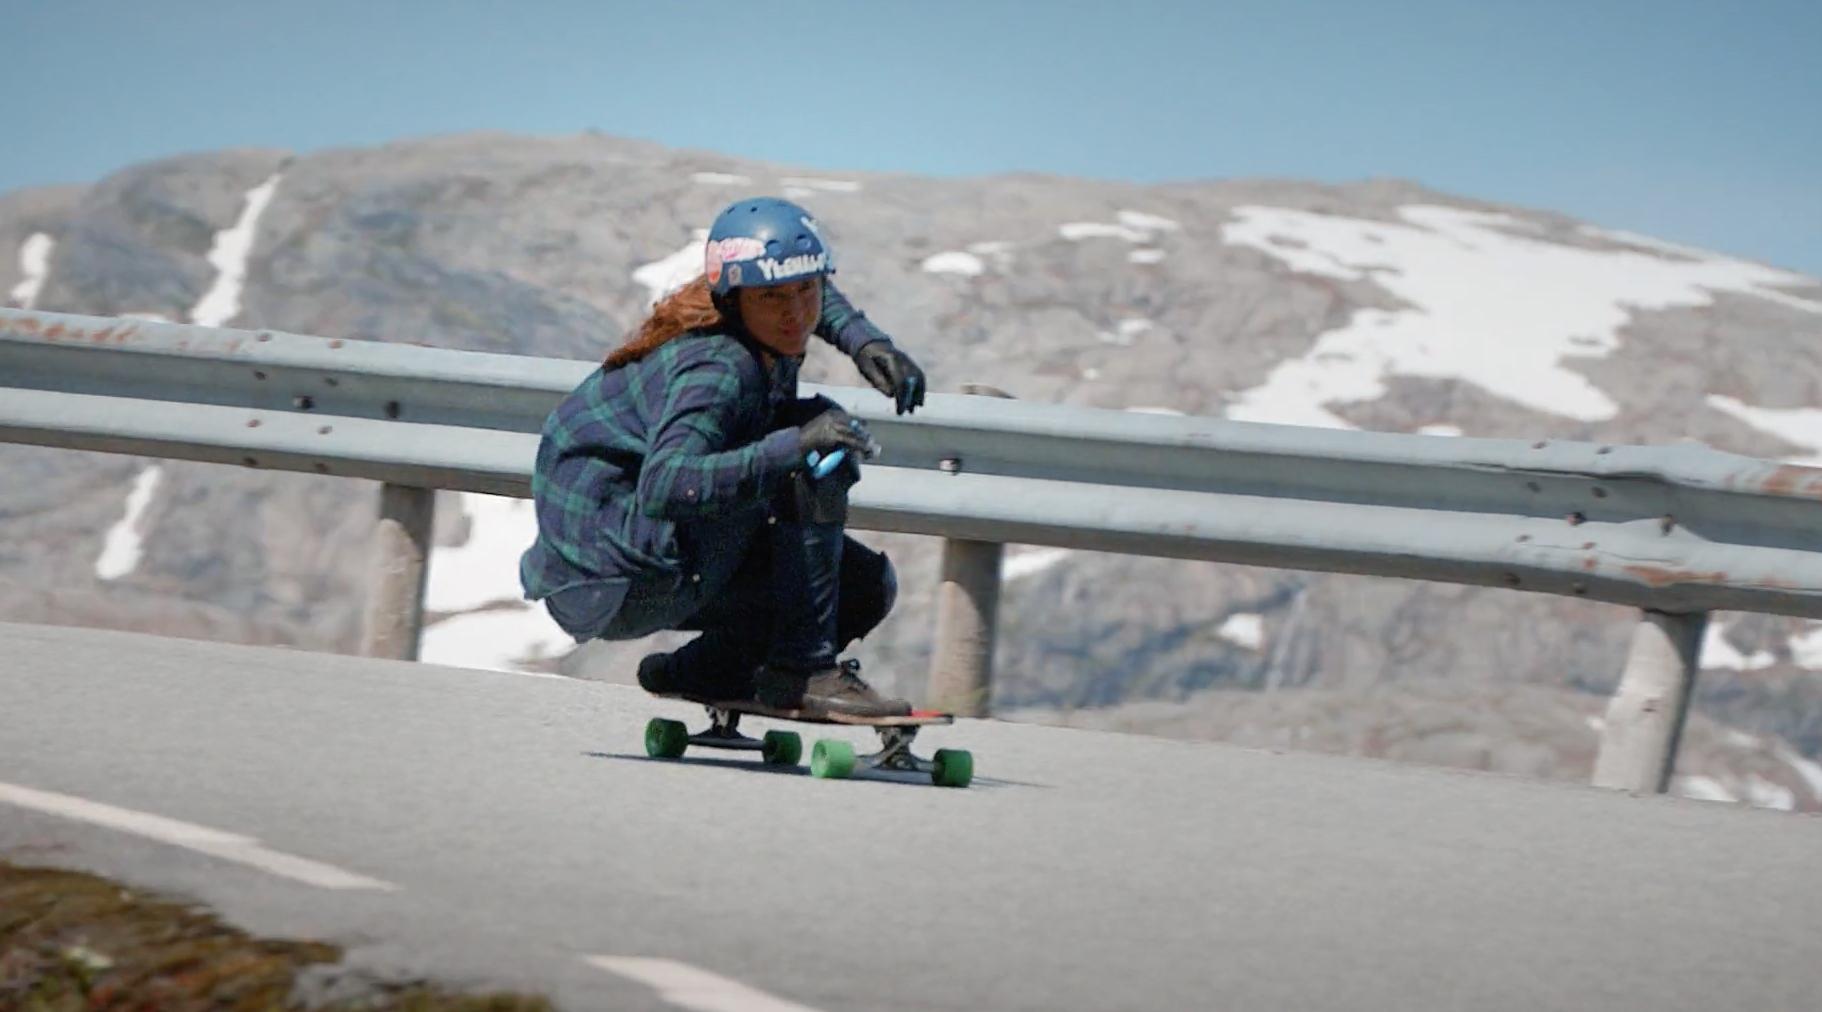 疾走感サイコー!天真爛漫な美女ボーダーが、ノルウェーの山々を滑走する(動画あり)